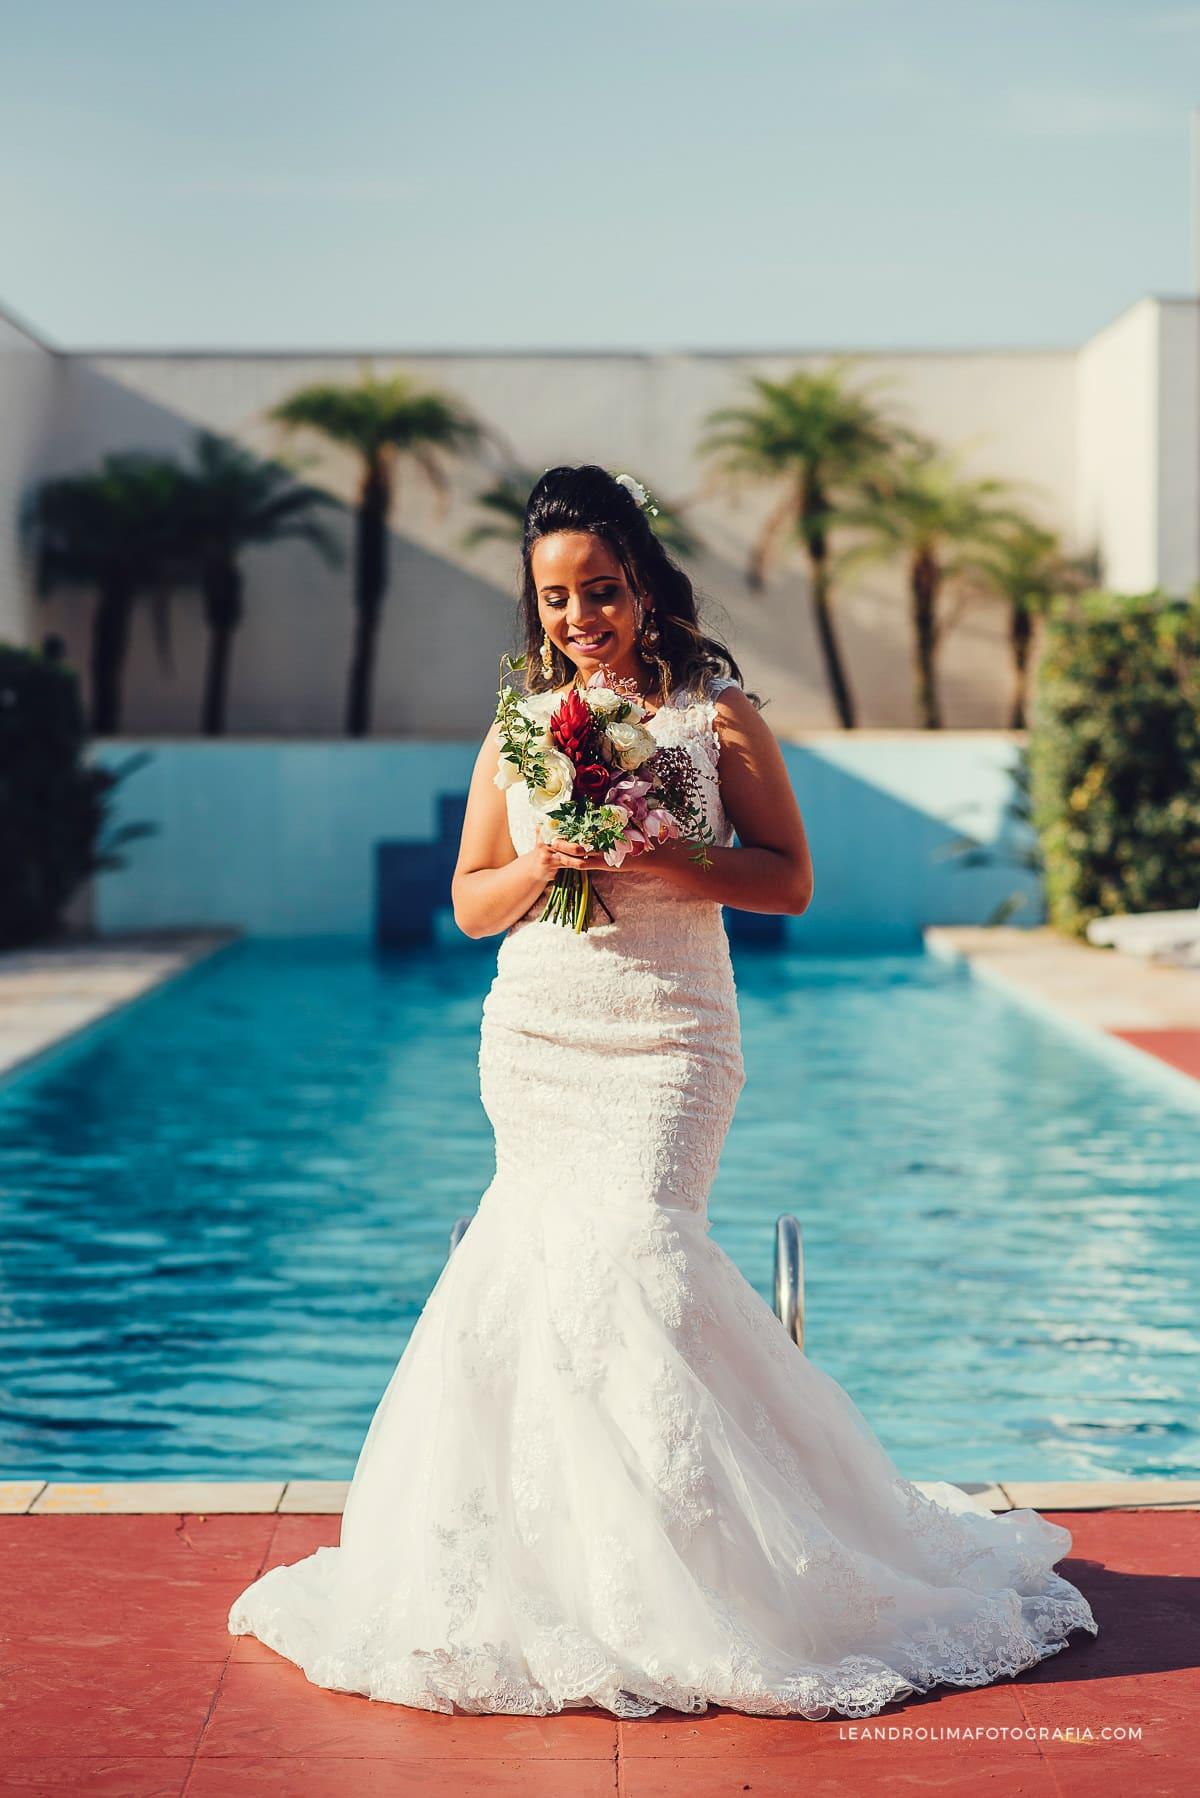 ensaio-noiva-terraco-hotel-piscina